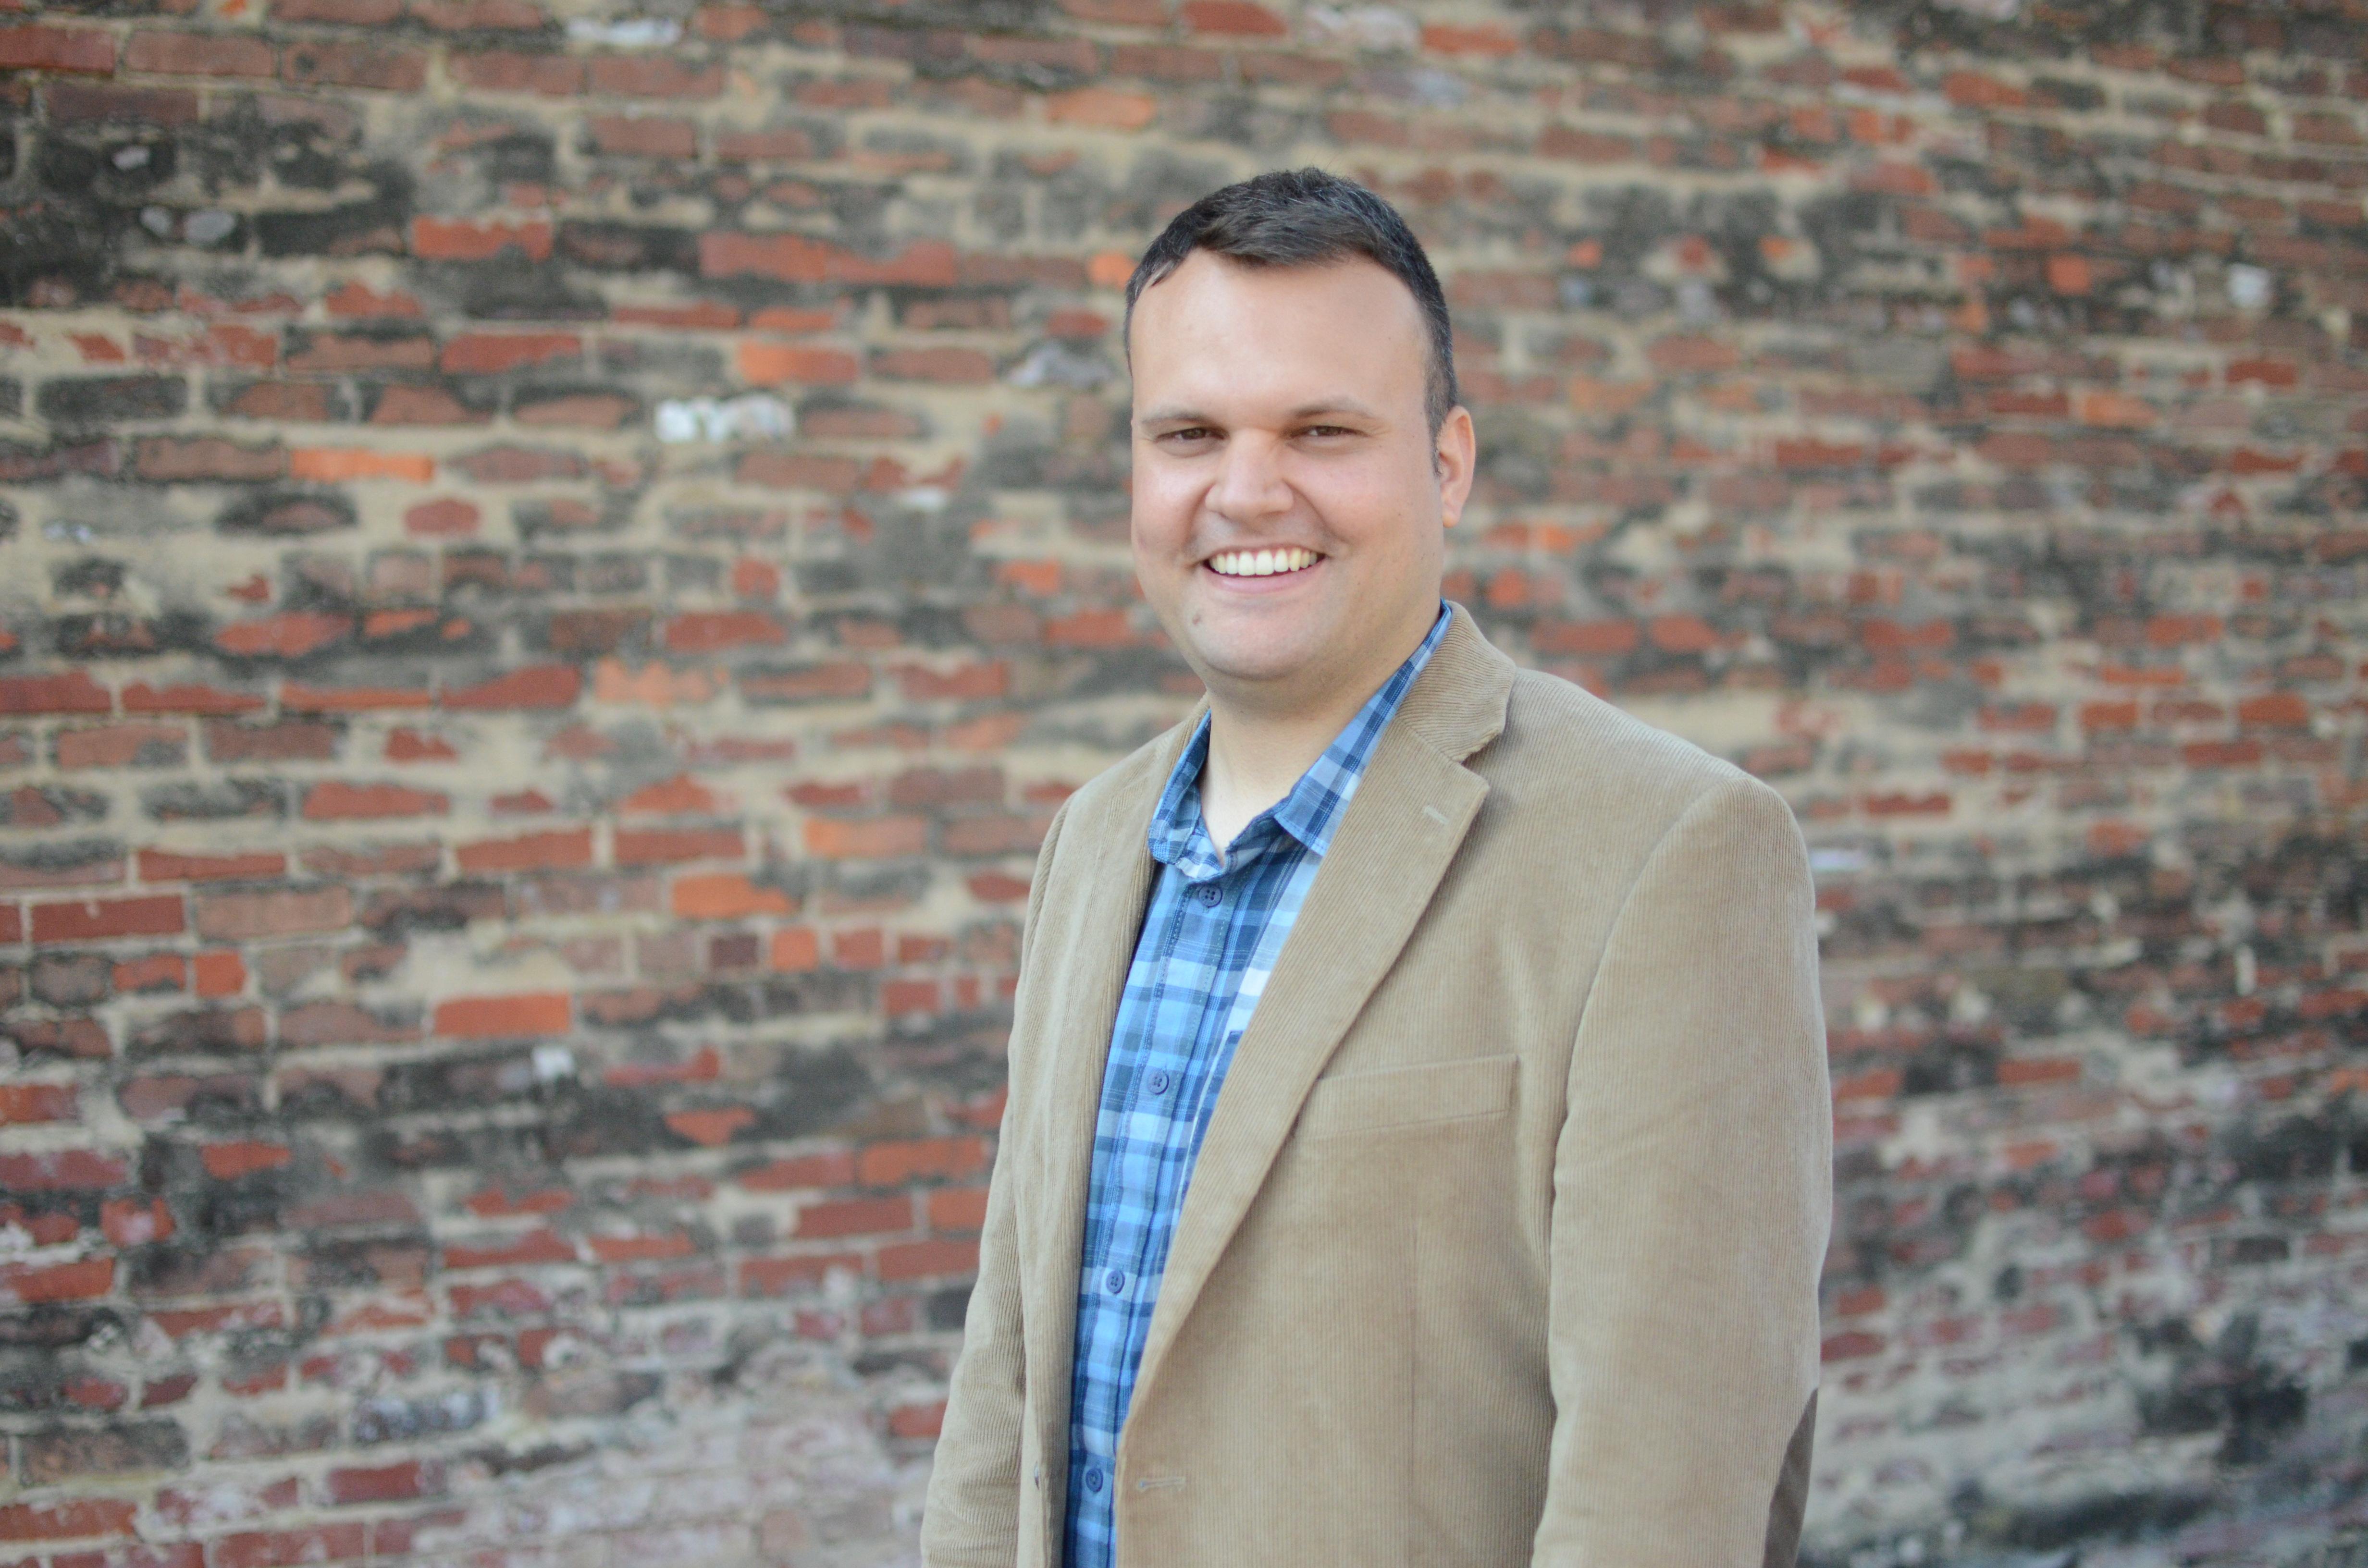 Daniel R. Borden, MA, MFTC